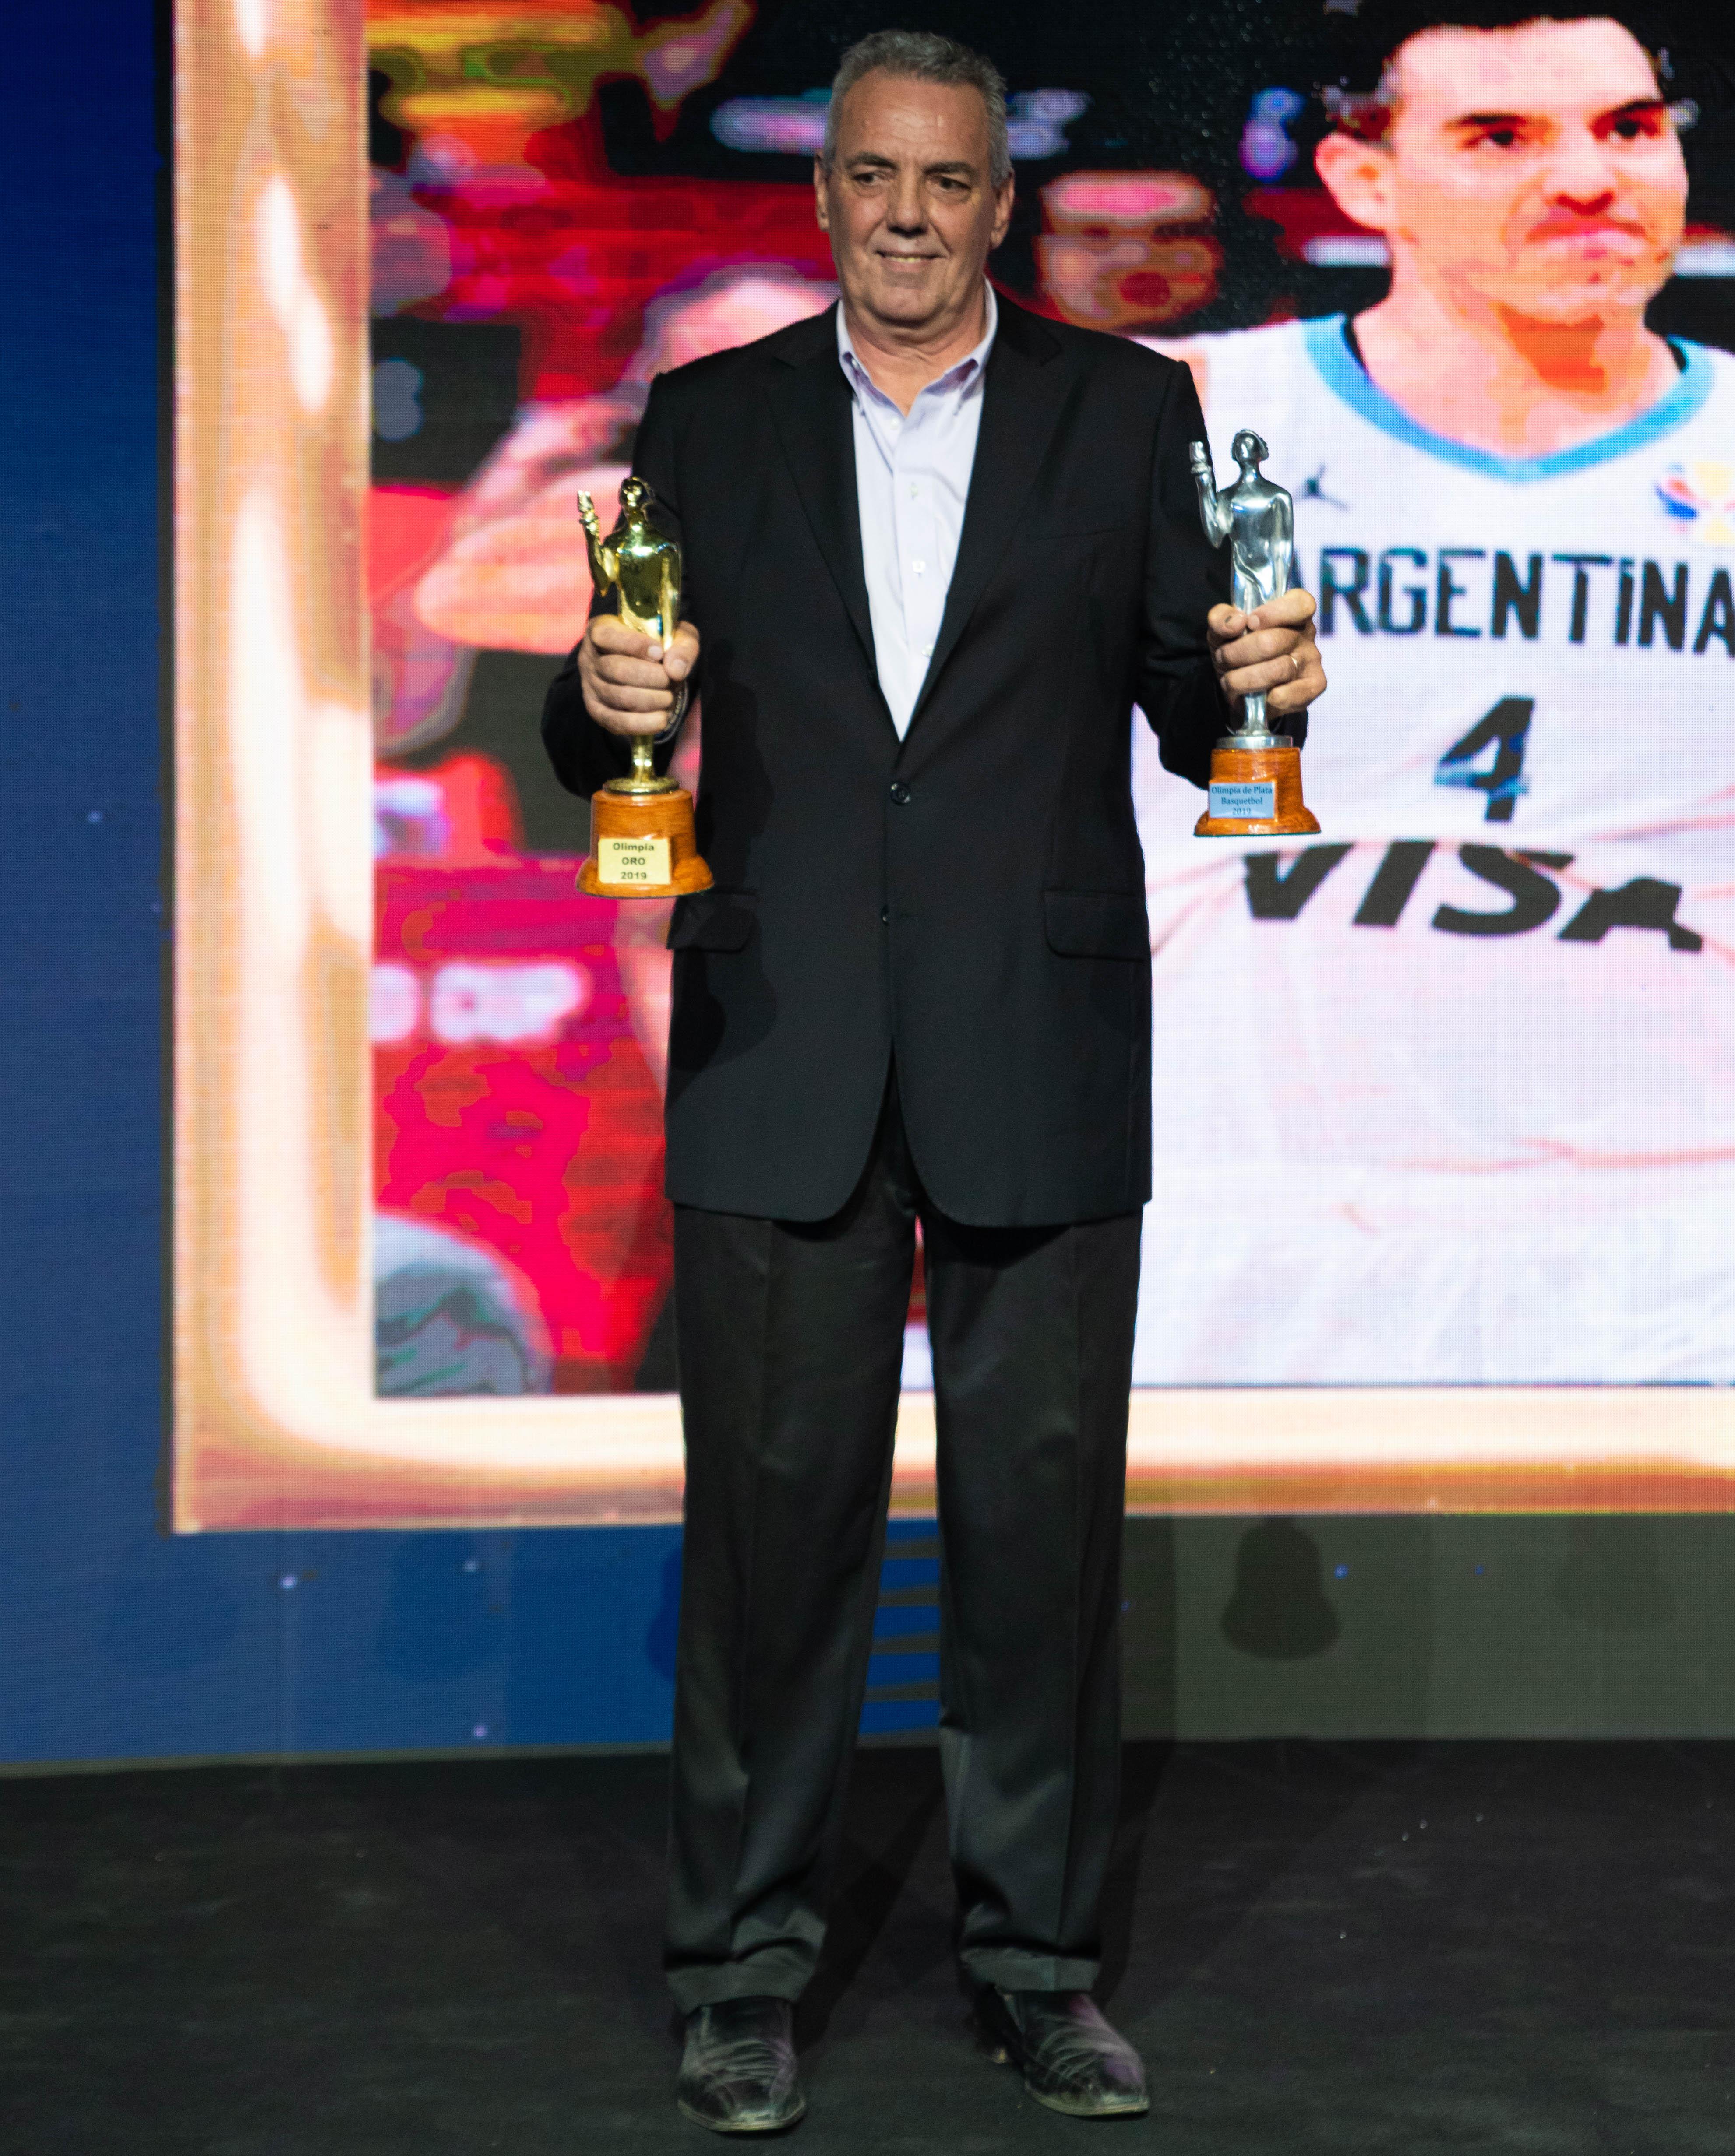 El papa de Luis Scola, con el Olimpia de plata y el de oro